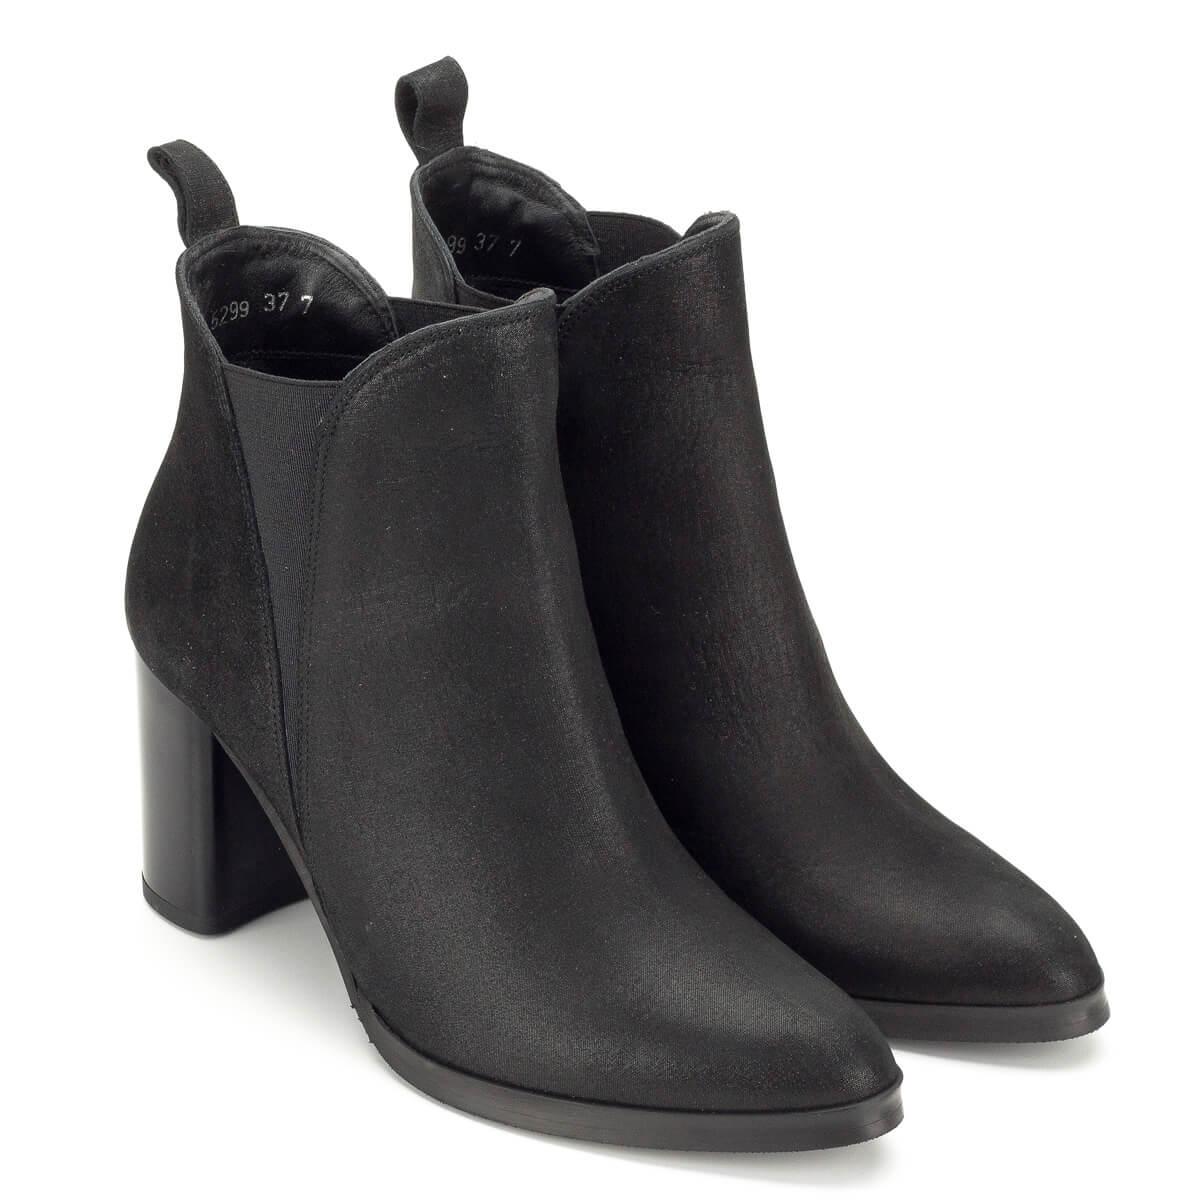 Anis bokacsizma fekete színben - Anis bokacsizmák - Női bokacsizmák 2441bdd49d